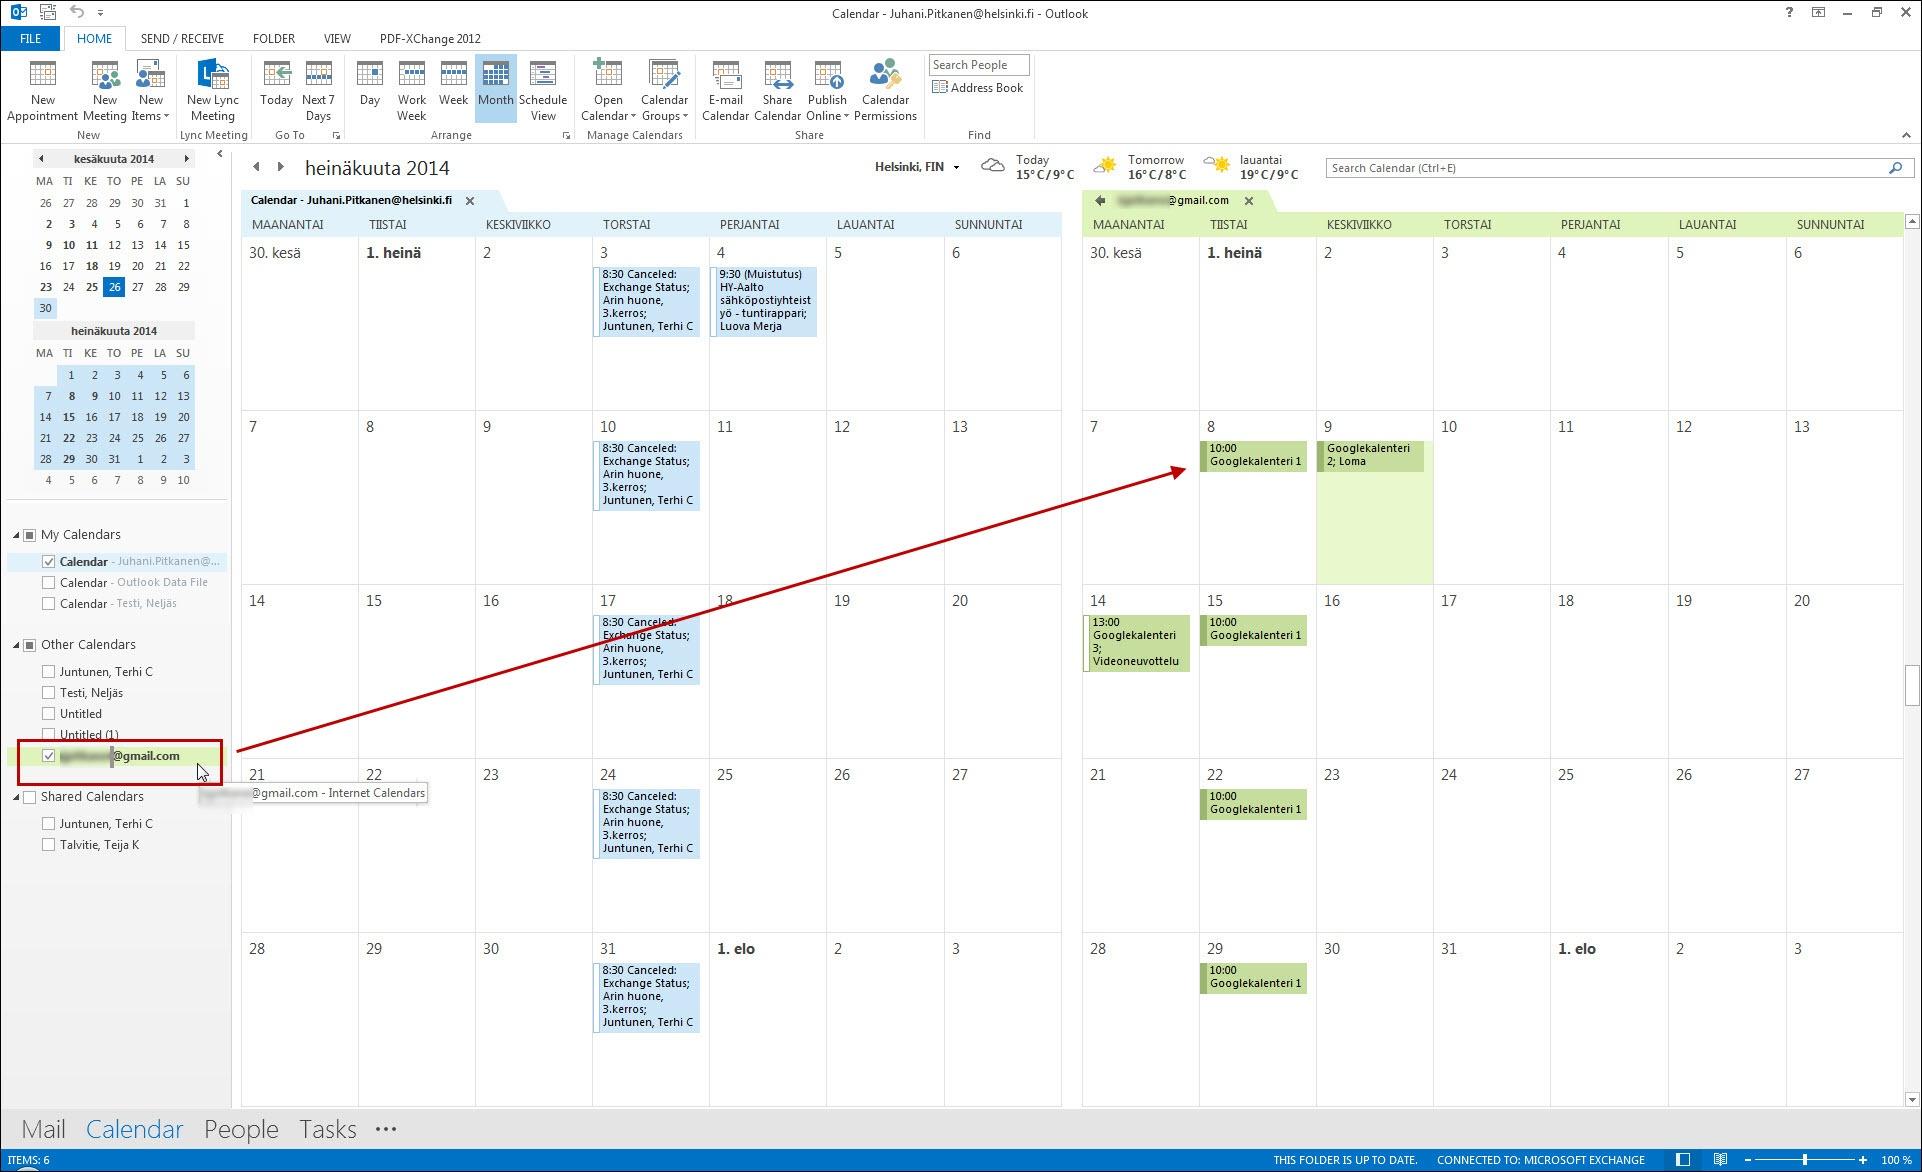 Google-kalenterin merkintöjen synkronoiminen Office 365 -kalenteriin | Helpdesk